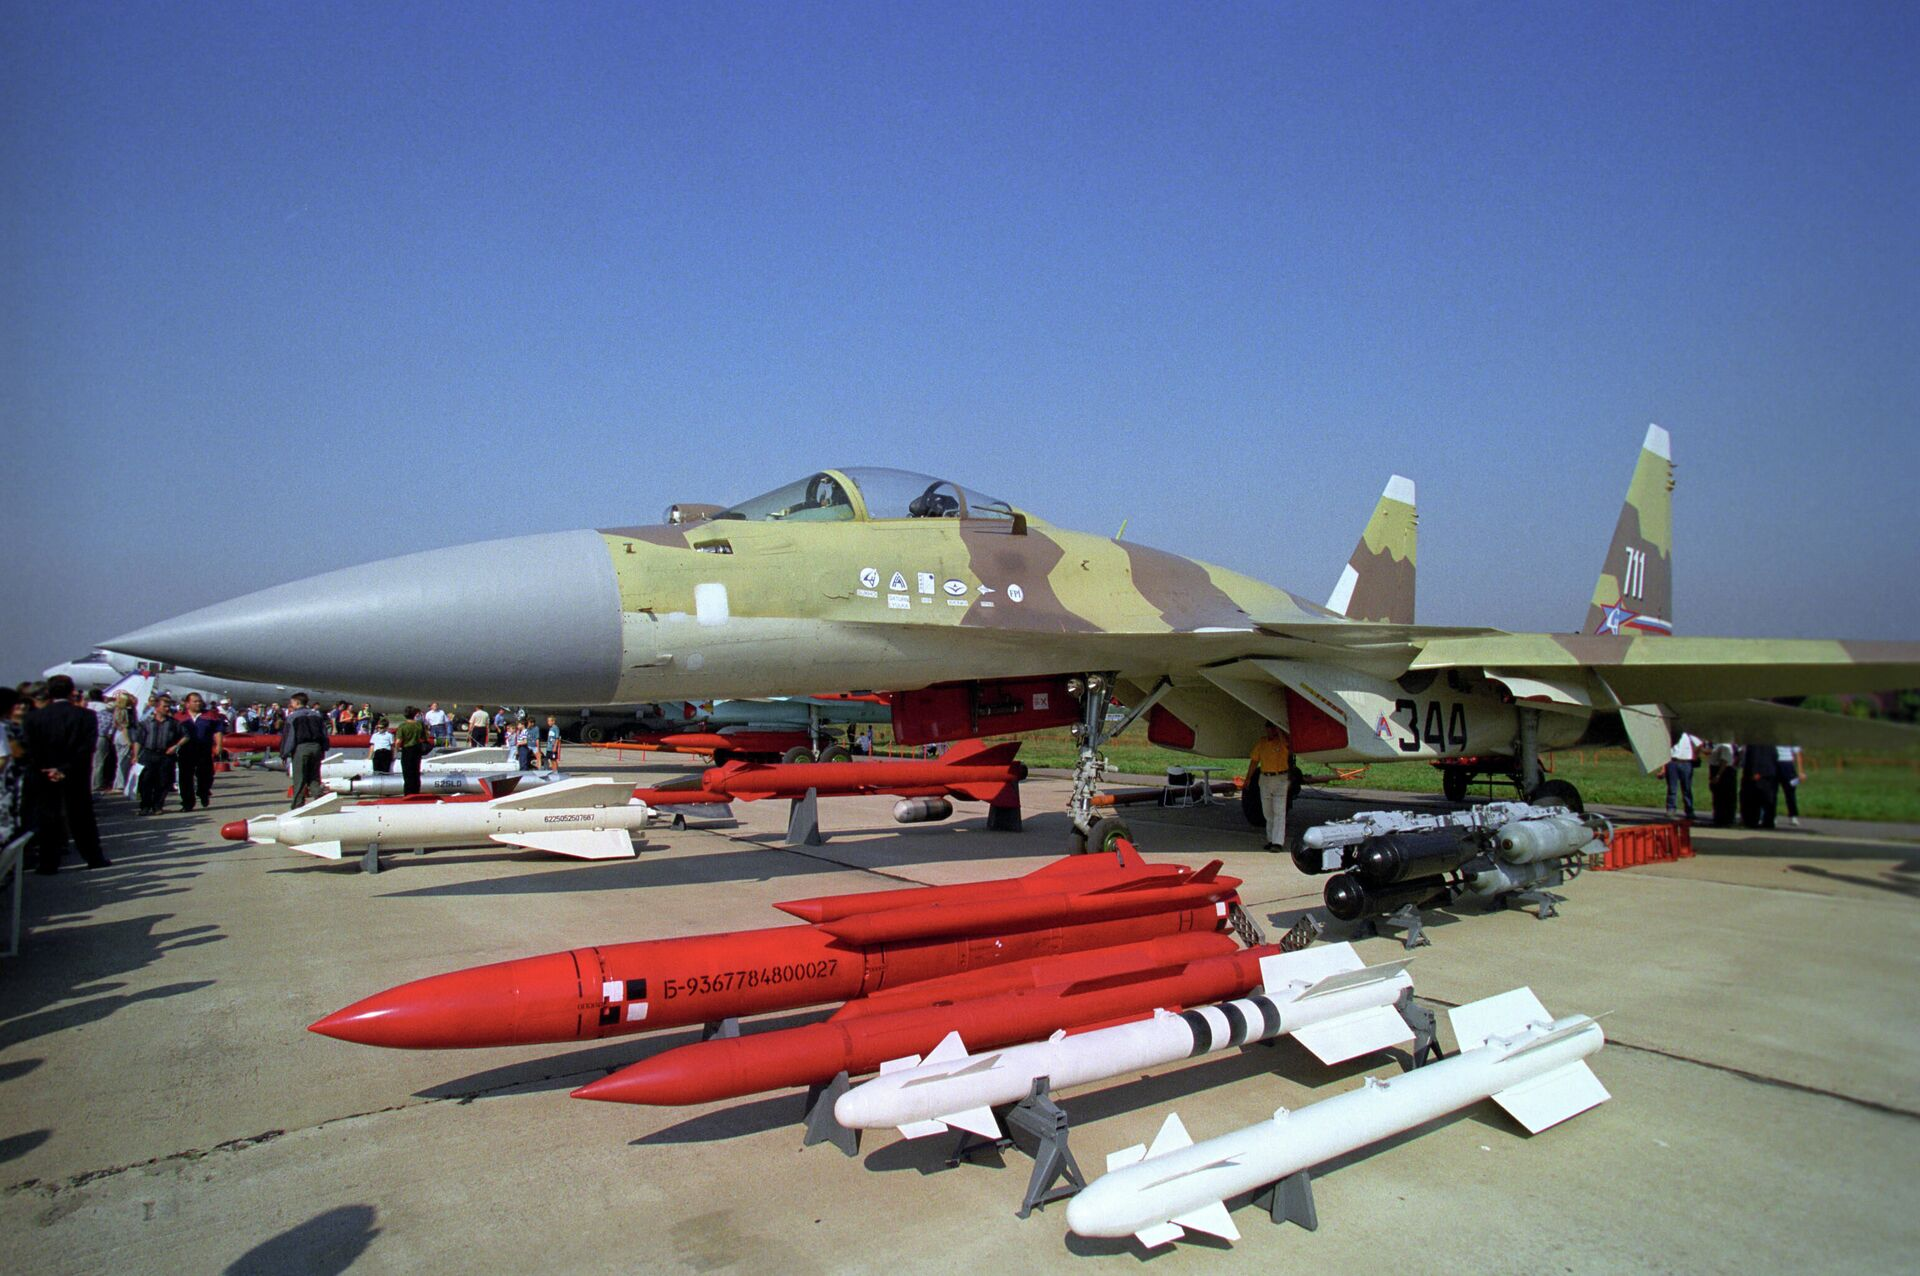 Những máy bay chiến đấu Liên Xô và Nga chỉ có một nguyên mẫu duy nhất - Sputnik Việt Nam, 1920, 02.04.2021